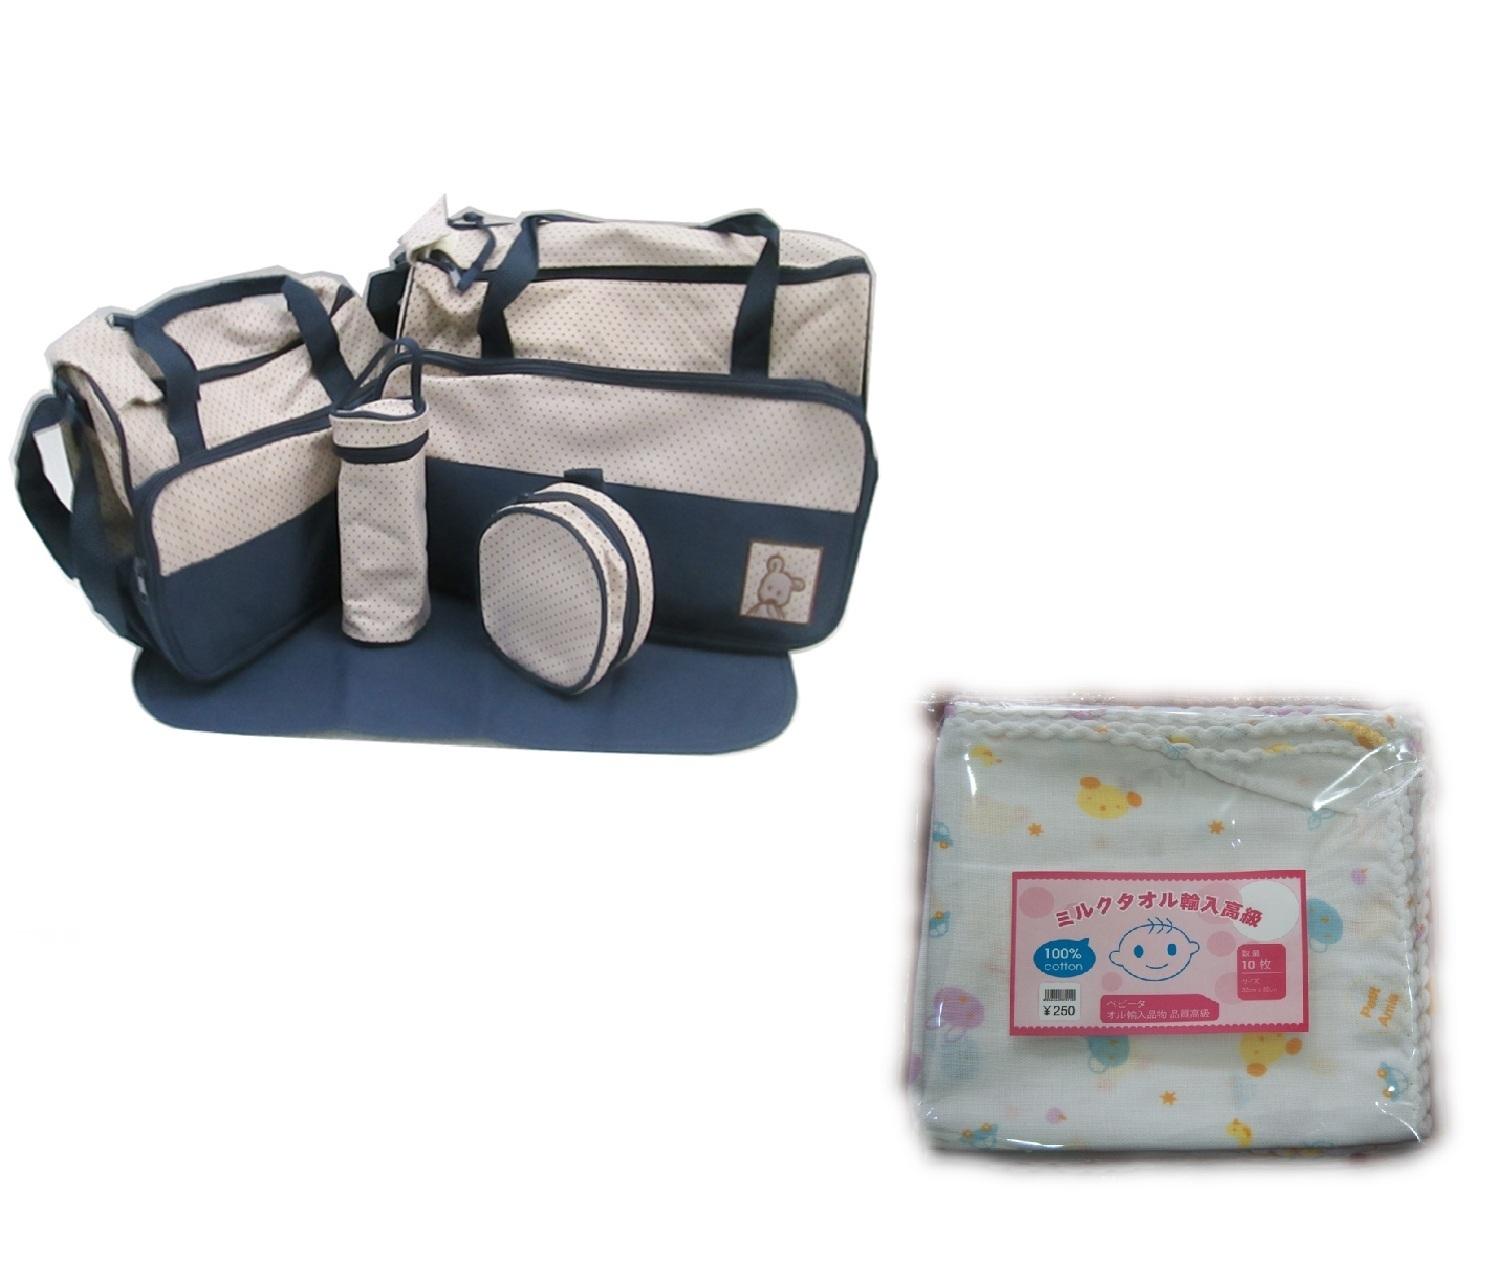 Bộ túi đựng đồ 5 chi tiết và 1 túi 10 chiếc khăn sữa 2 lớp 32x32cm